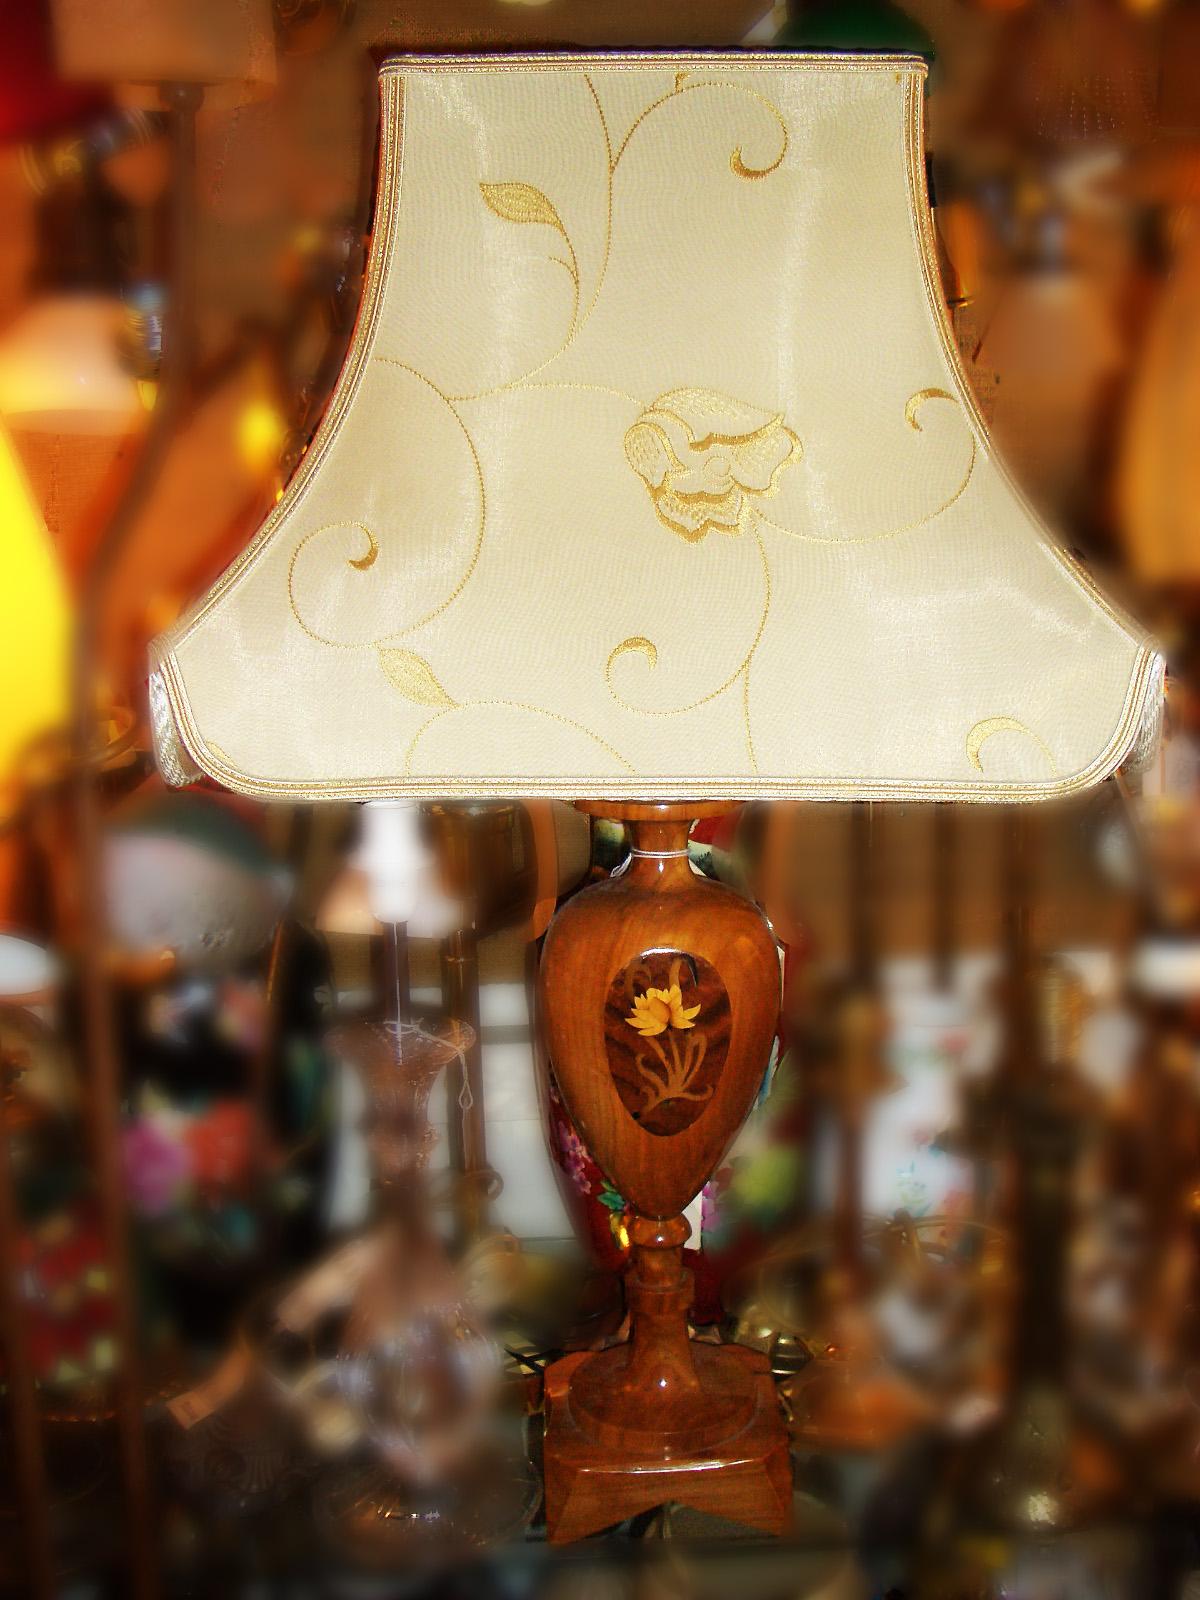 Illuminazione OffertePiccola Illuminazione Bottega OffertePiccola OffertePiccola Bottega Bottega LGSzMUVjqp